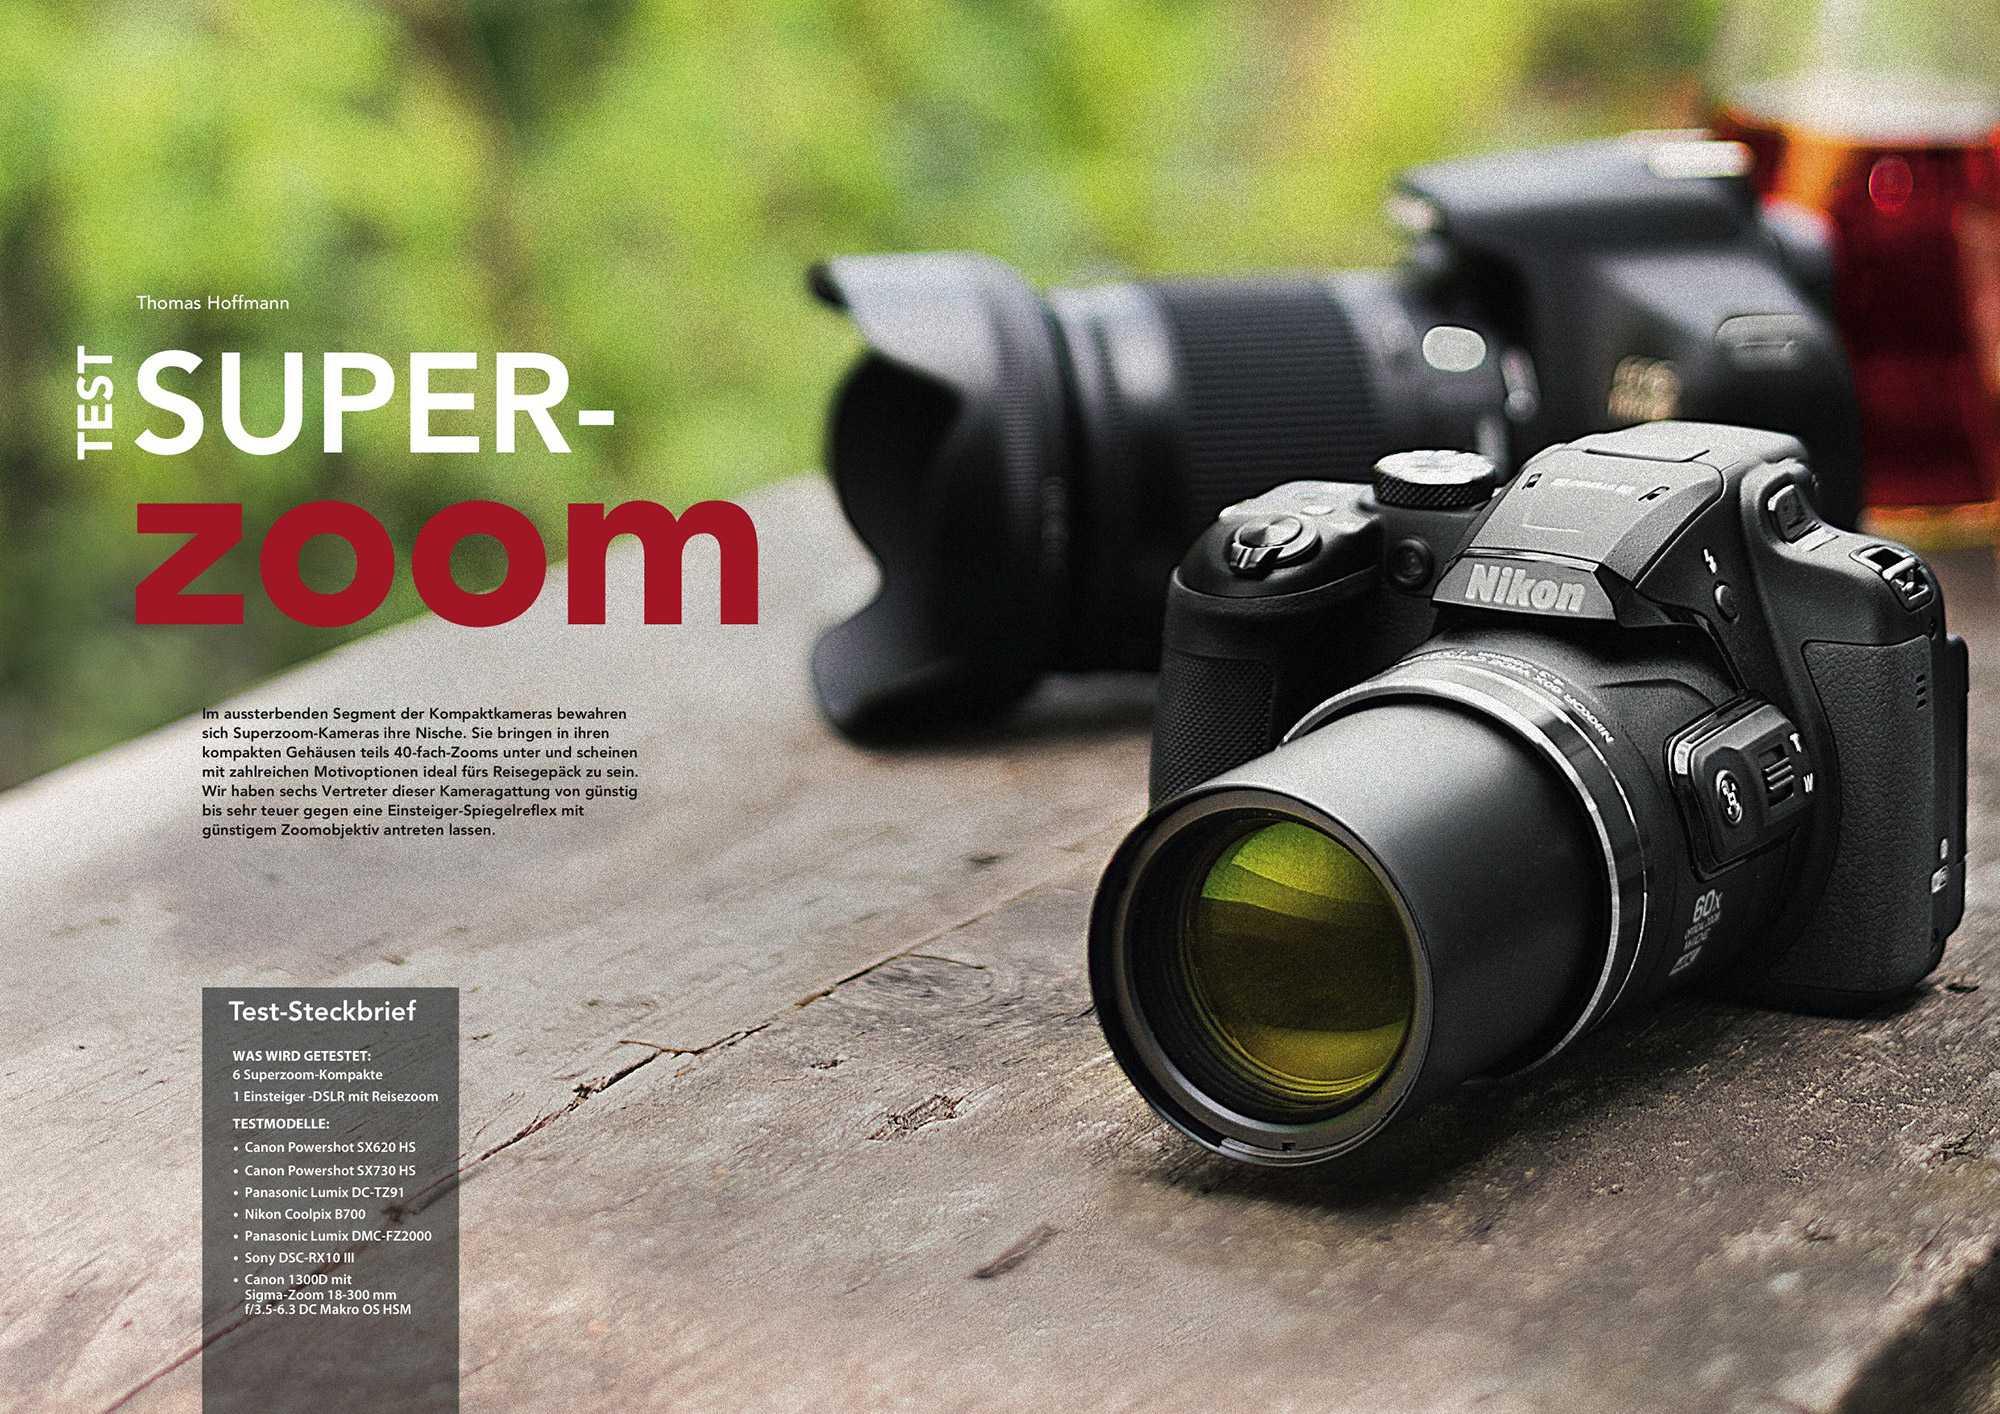 Im Test mussten sechs Superzoom-Kameras gegen eine günstige DSLR-Lösung mit Wechselobjektiv antreten.